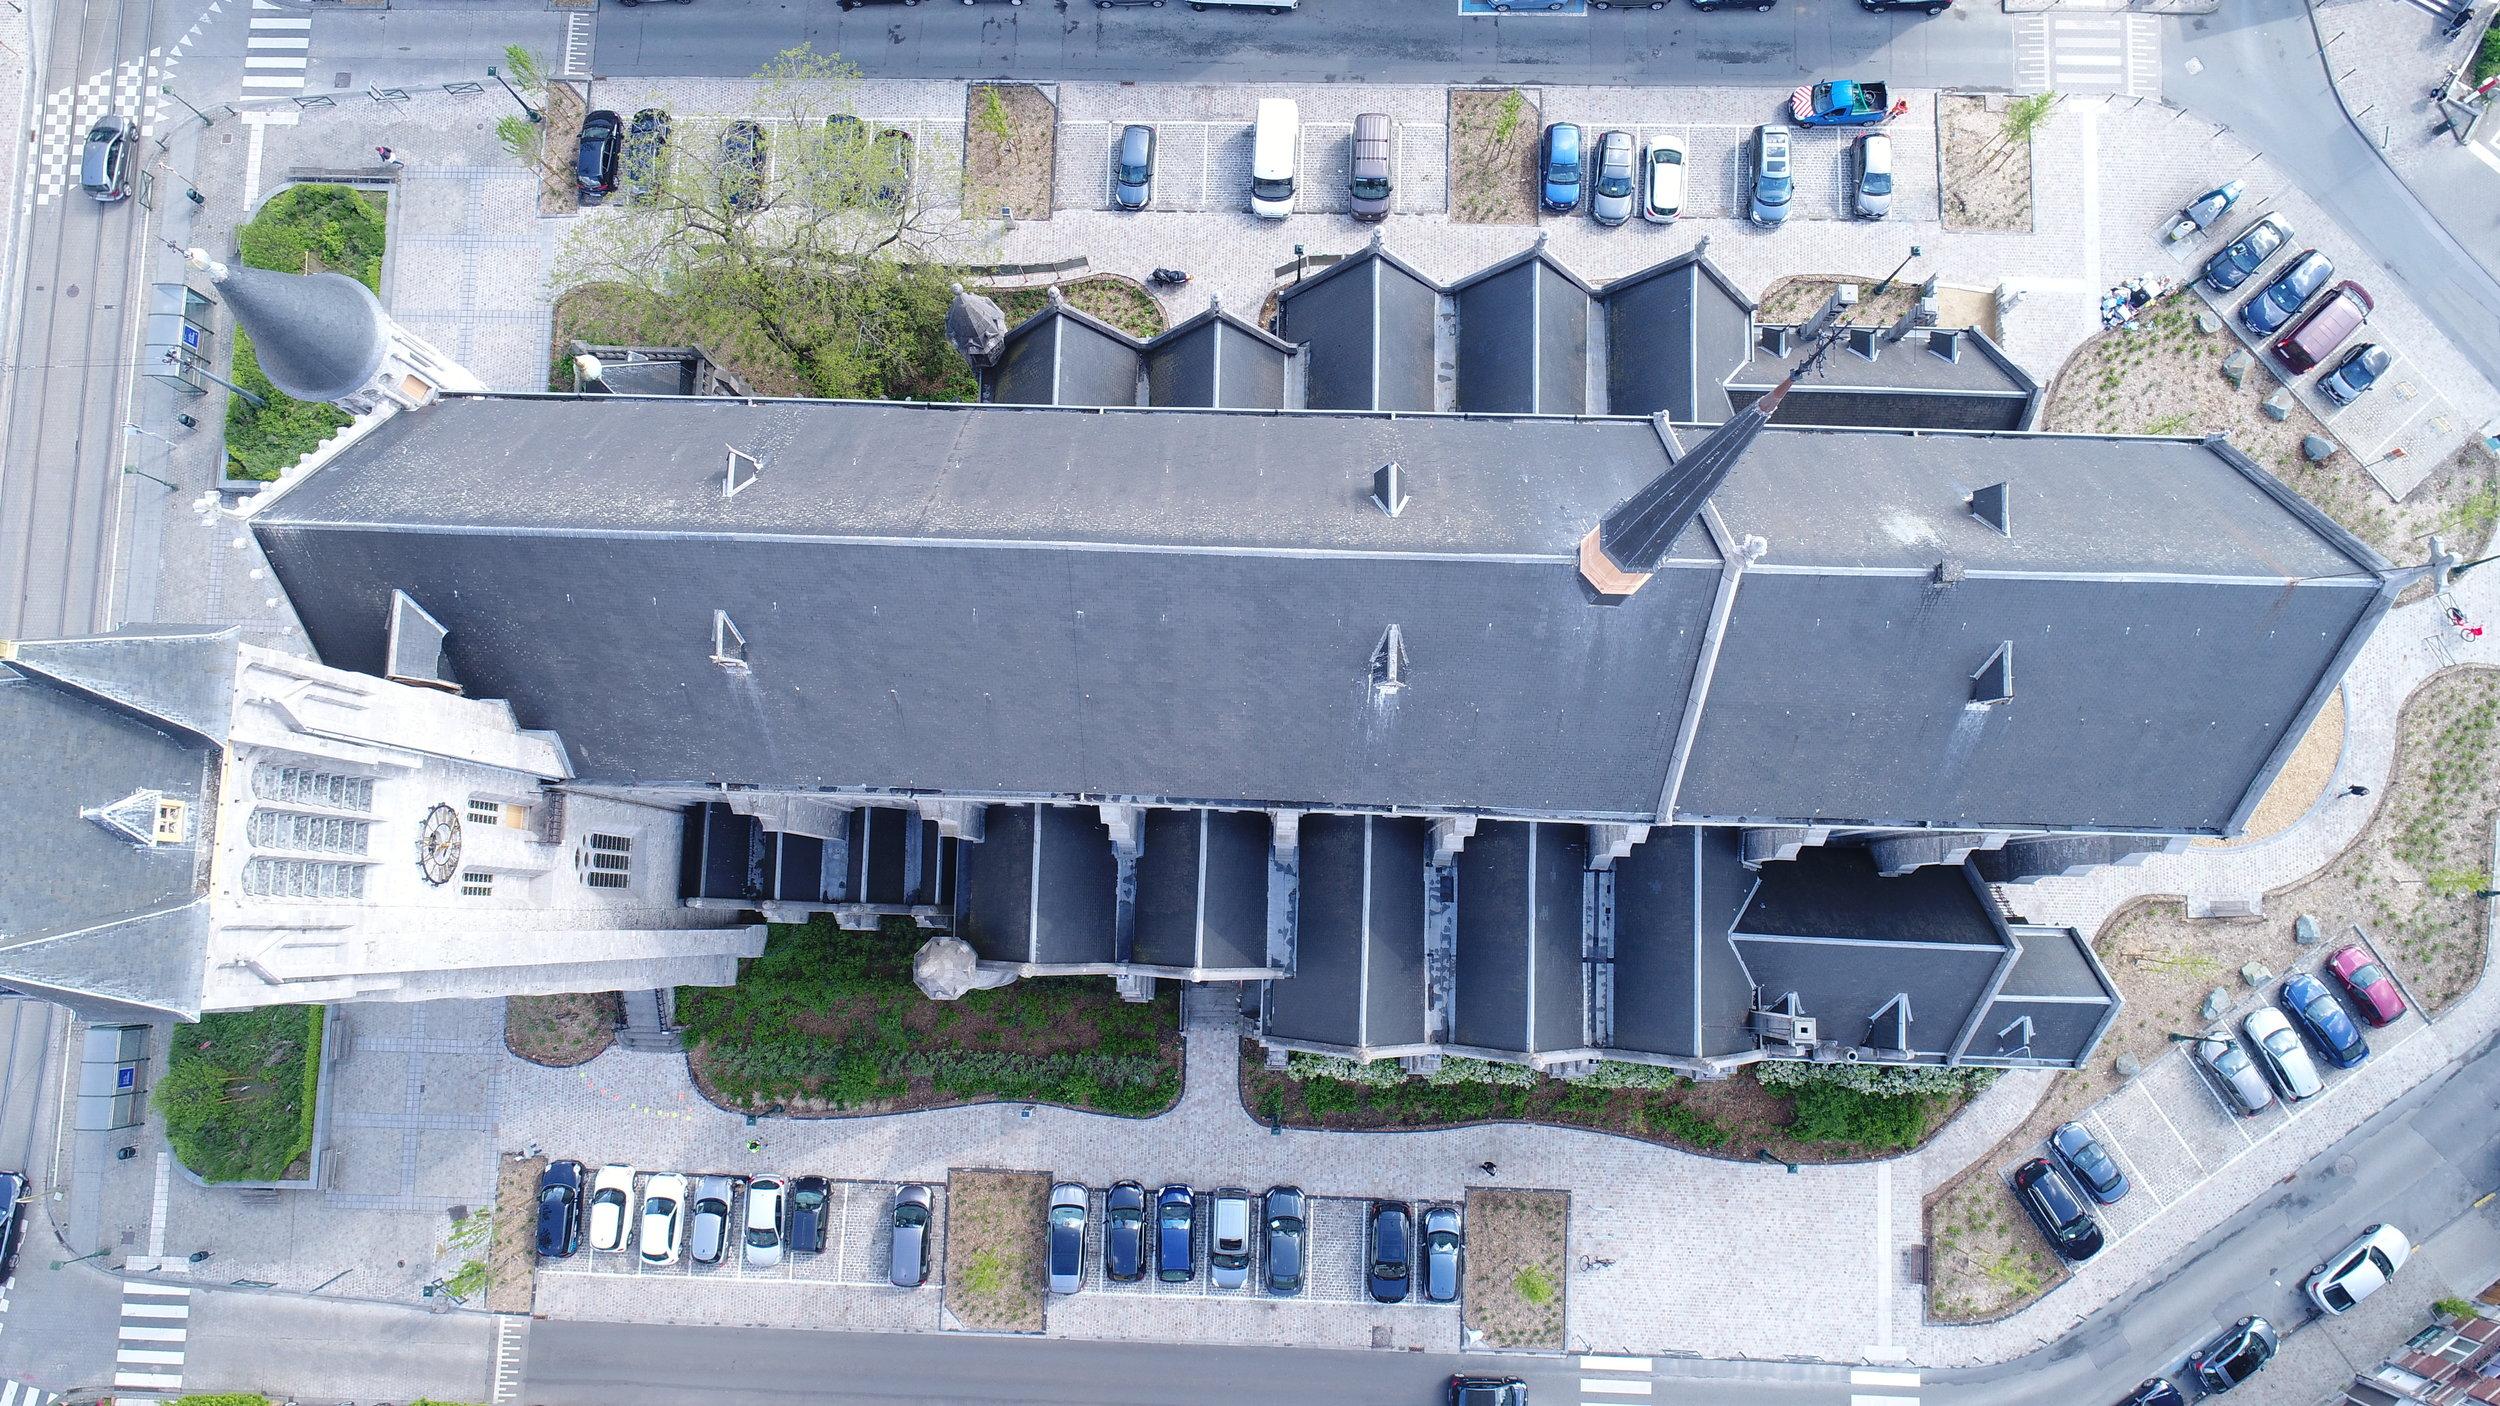 Inspection de toiture et façade - pour un bureau d'architecture spécialisé dans le patrimoine.